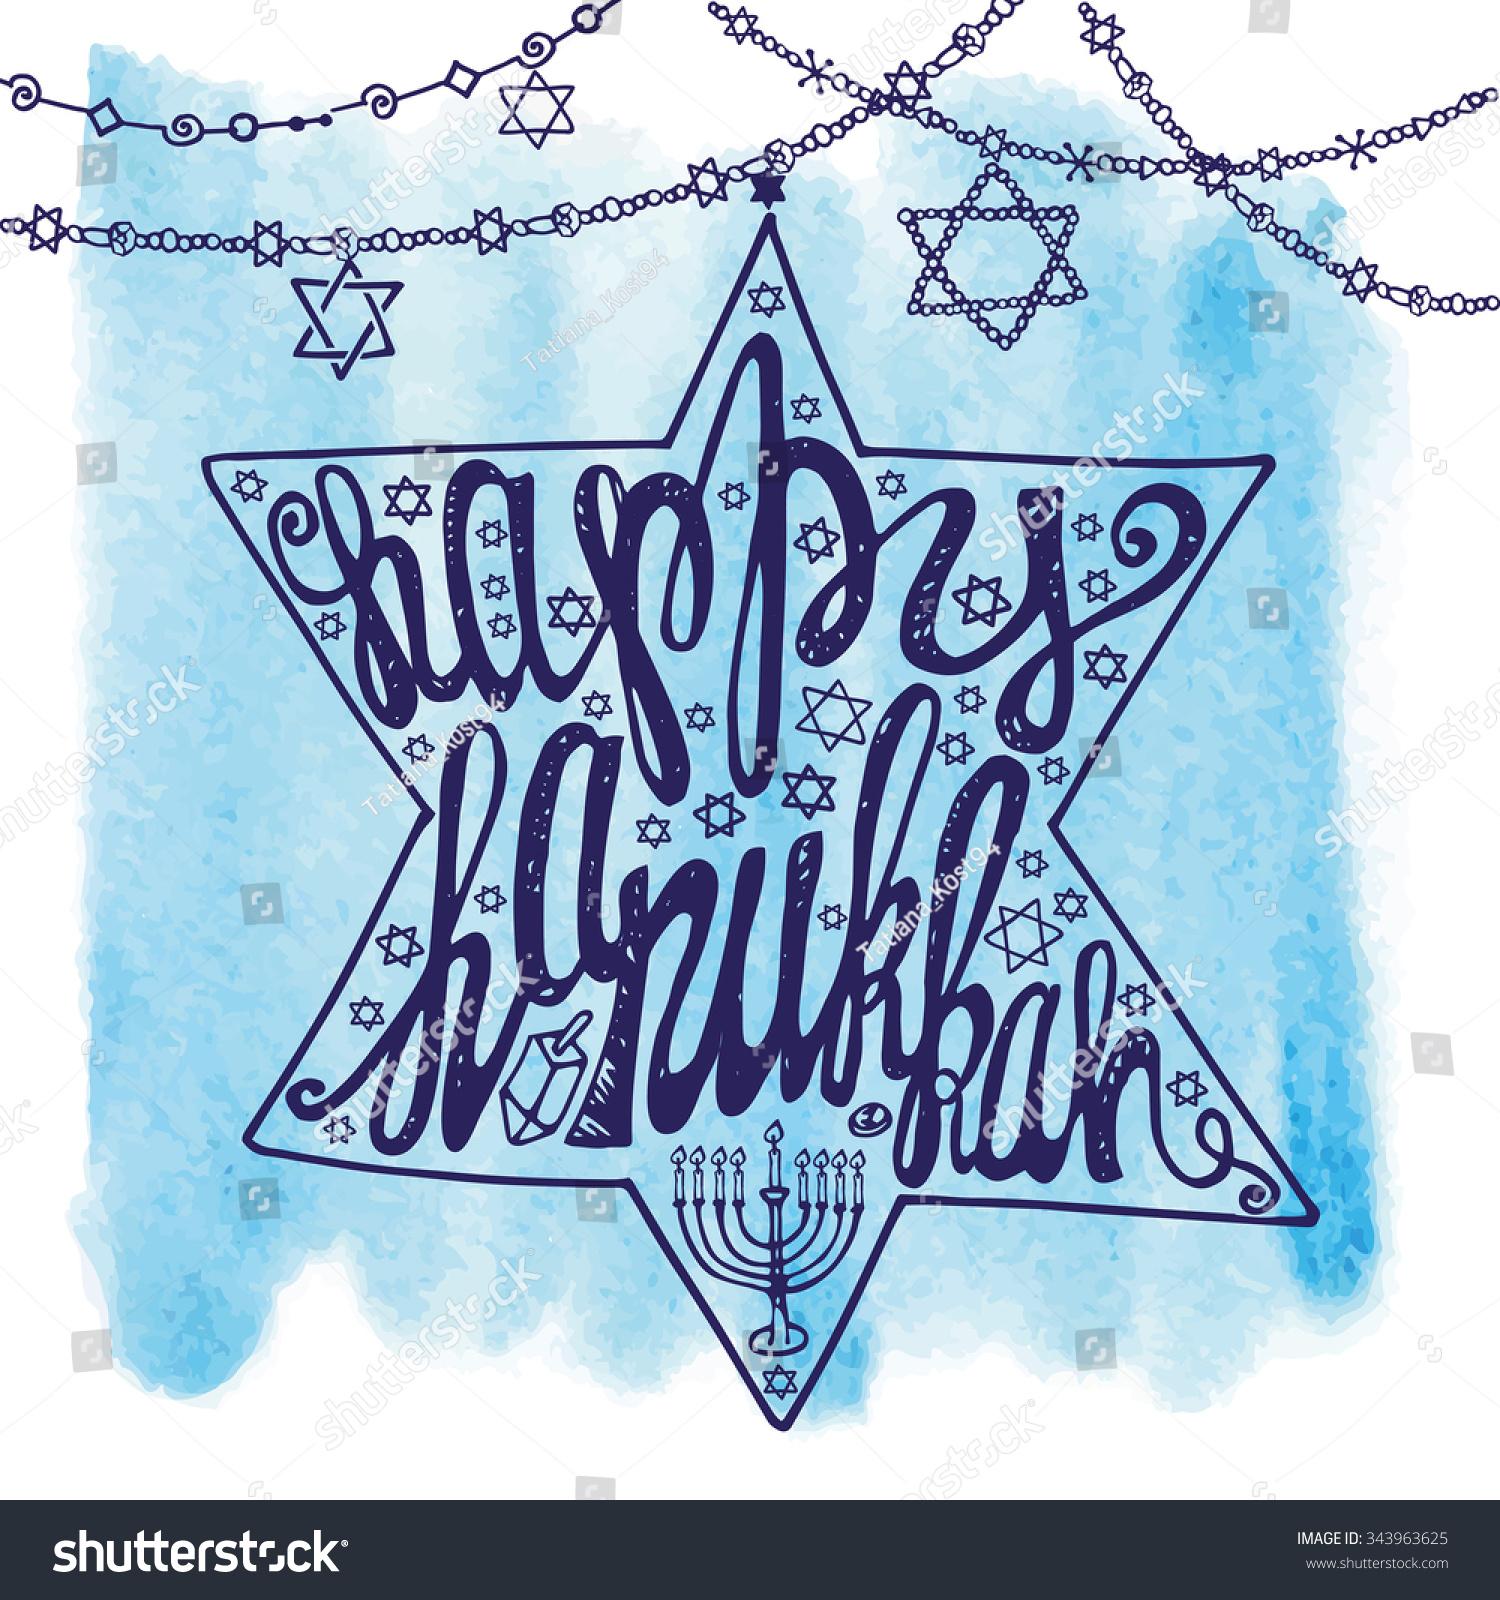 Hanukkah Greeting Phrases Hanukkah Cards Chanukah Holiday Greeting